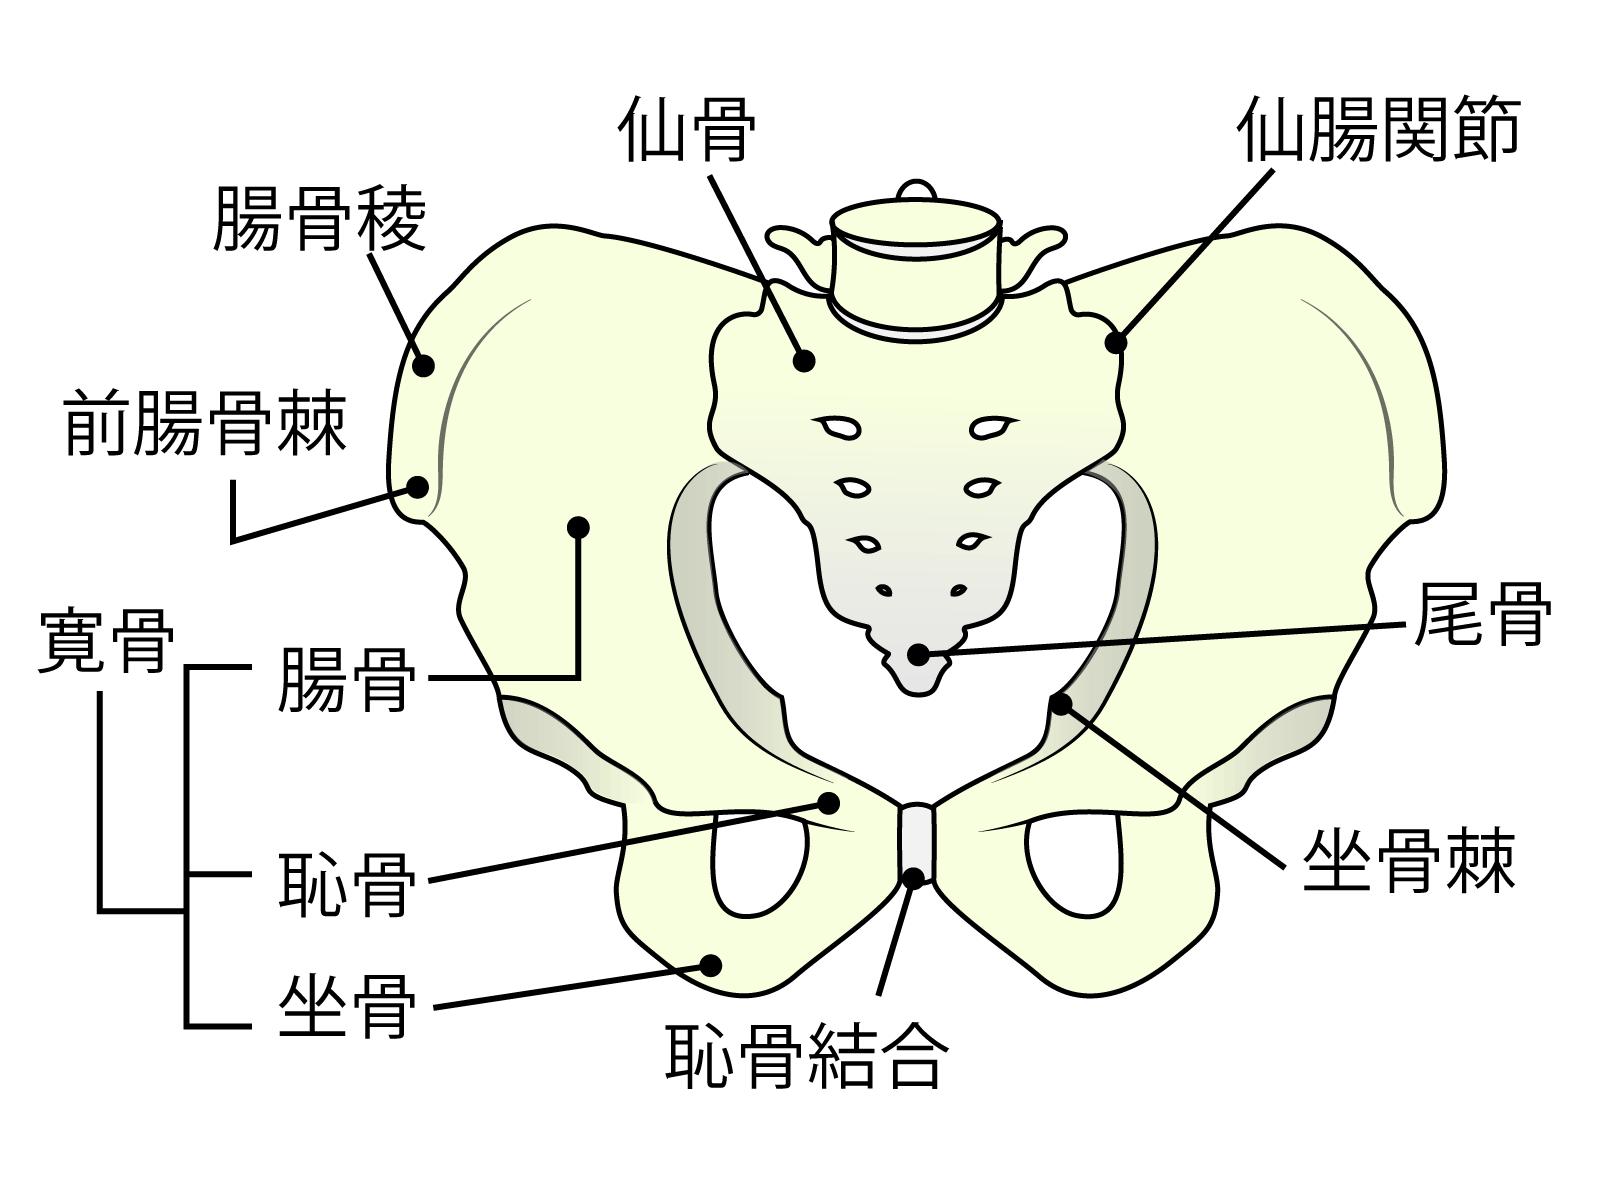 骨盤の中心 仙骨 女性ホルモンの分泌